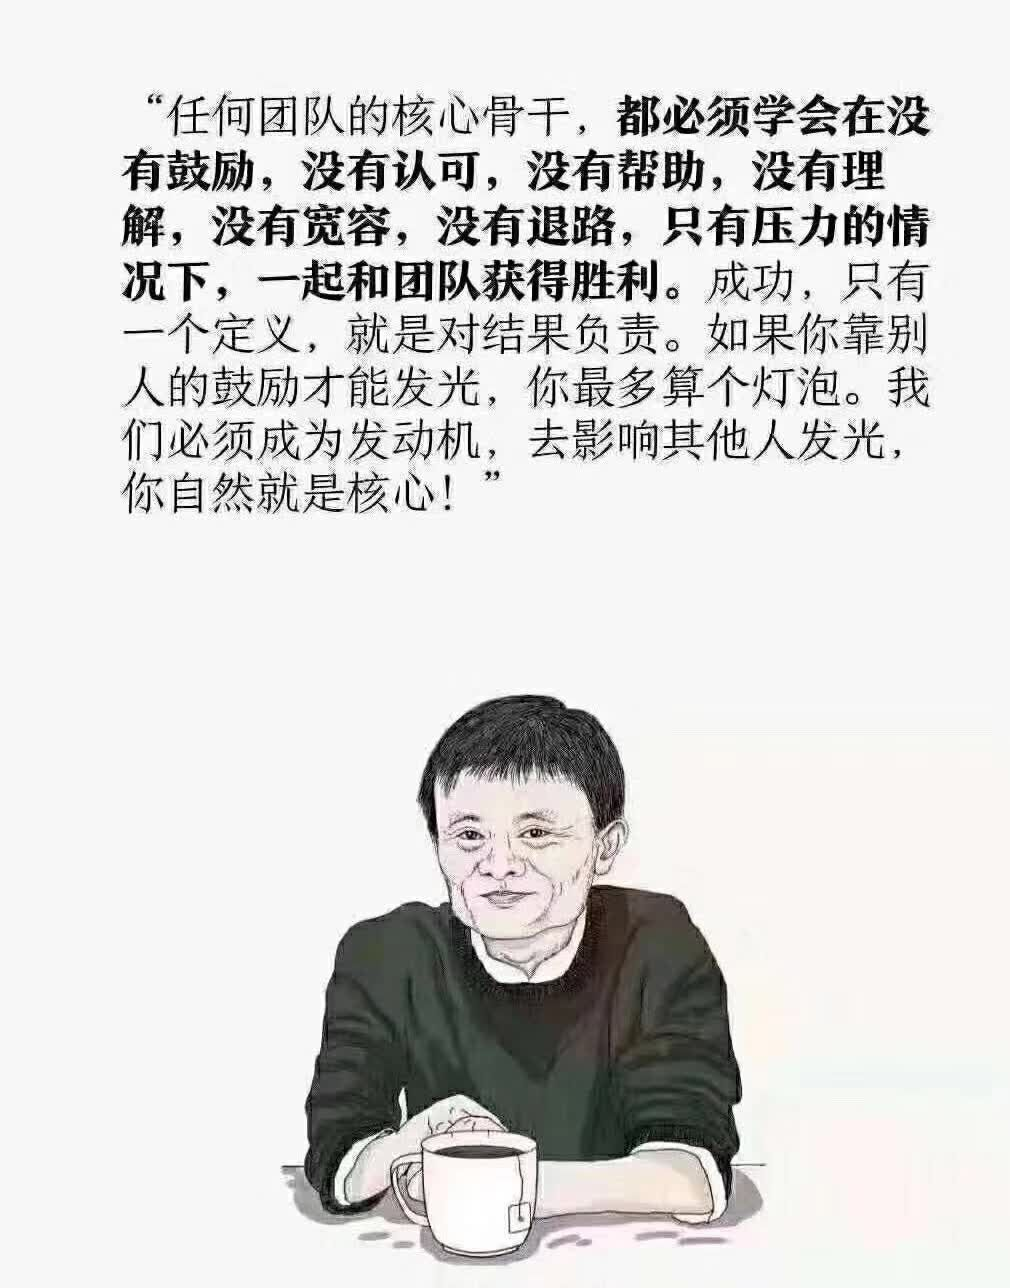 温和酒业总经理肖竹青管理记载2019